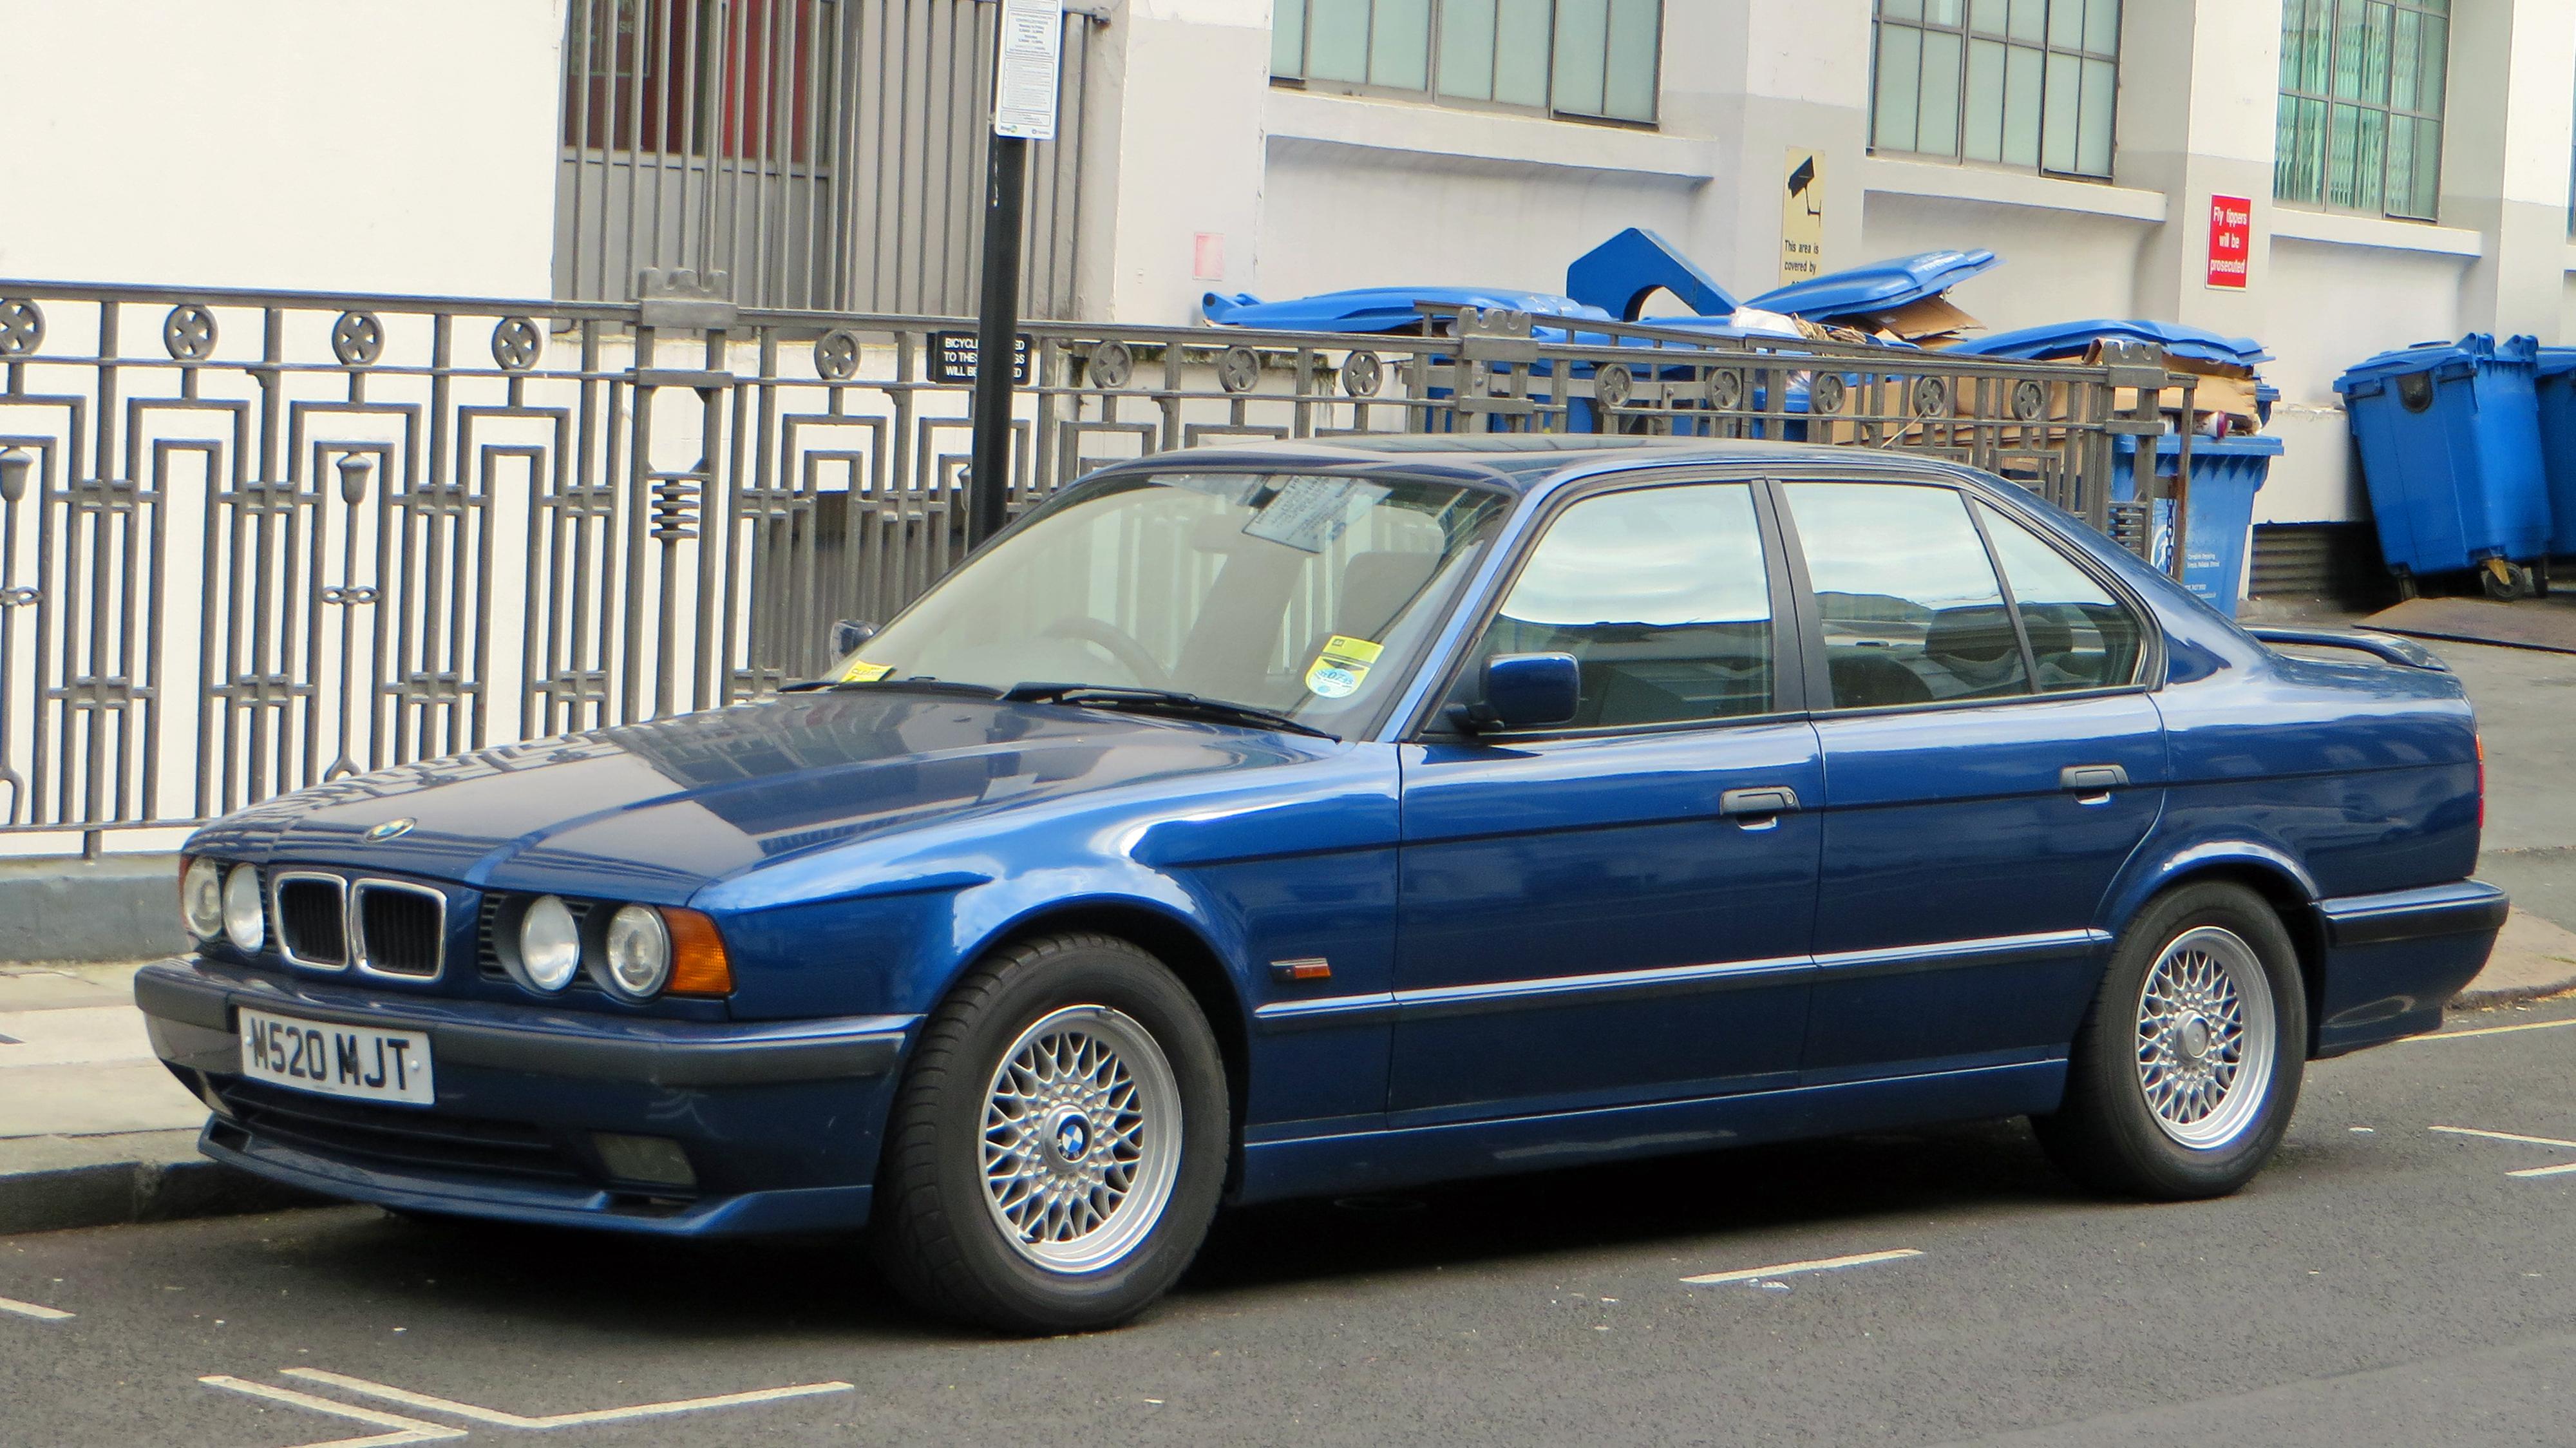 File:1995 BMW 525i Sport, UK (front) (22484472771).jpg